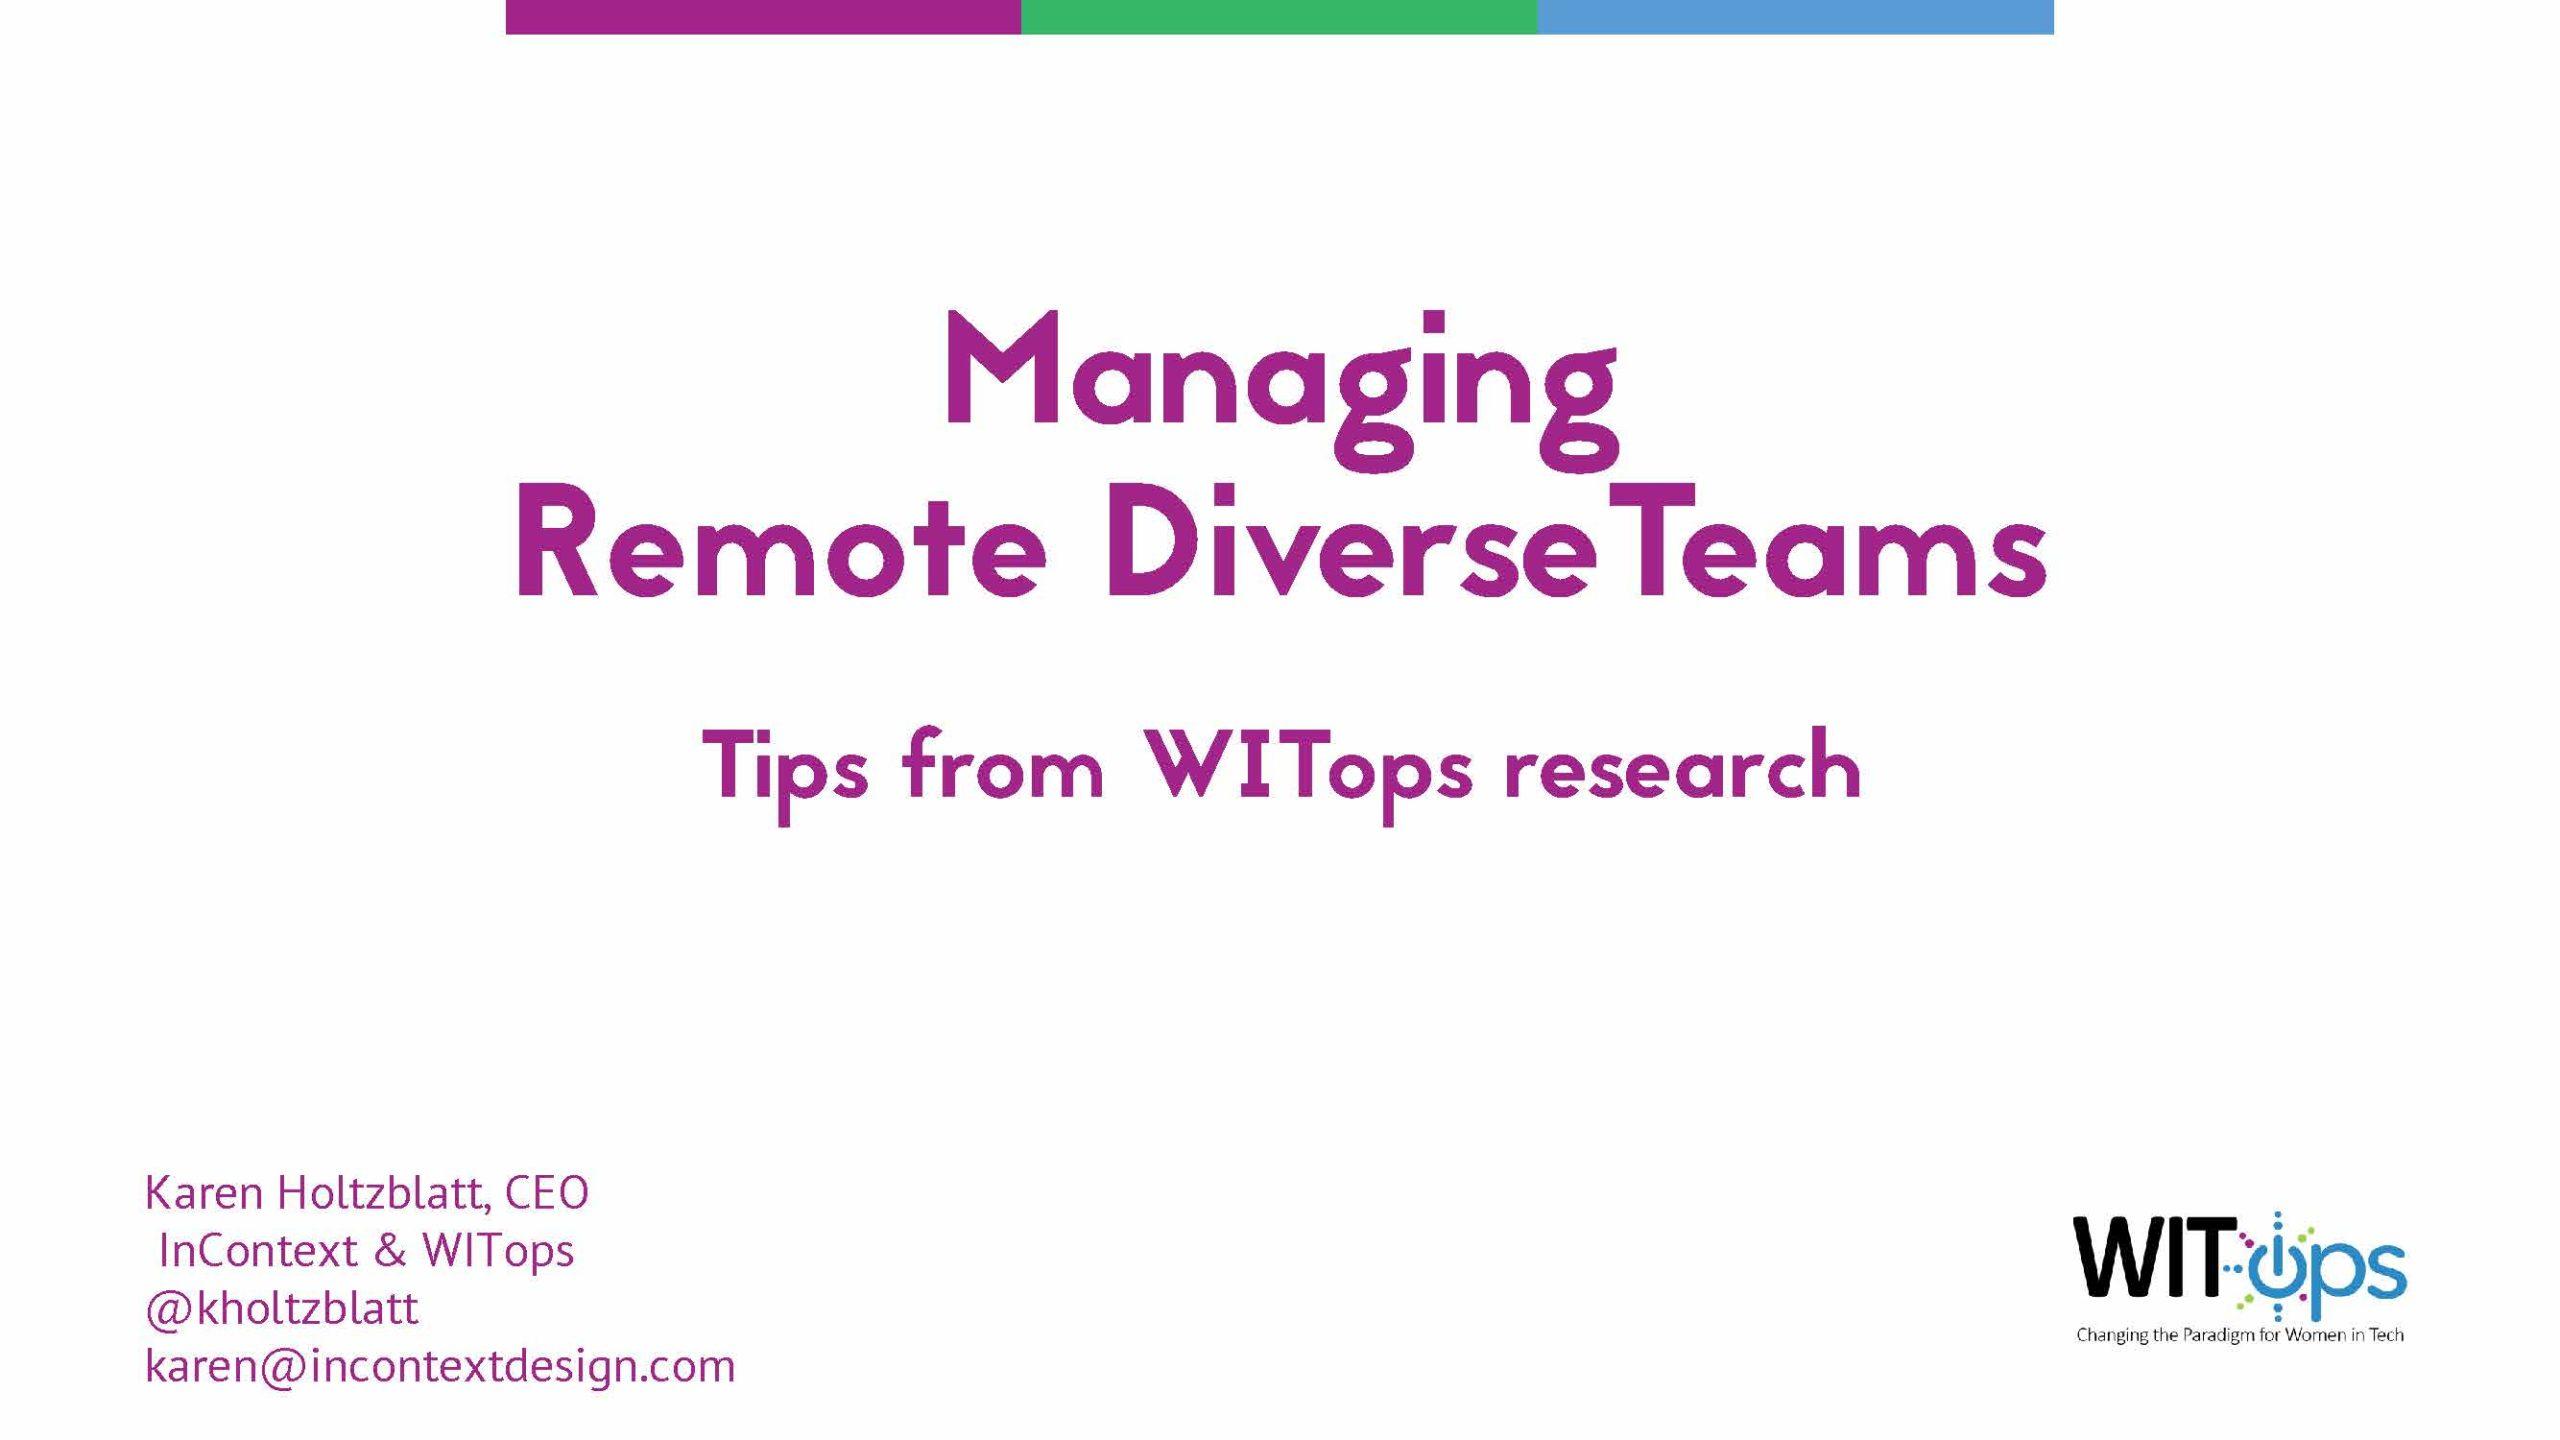 Managing Remote Diverse Teams